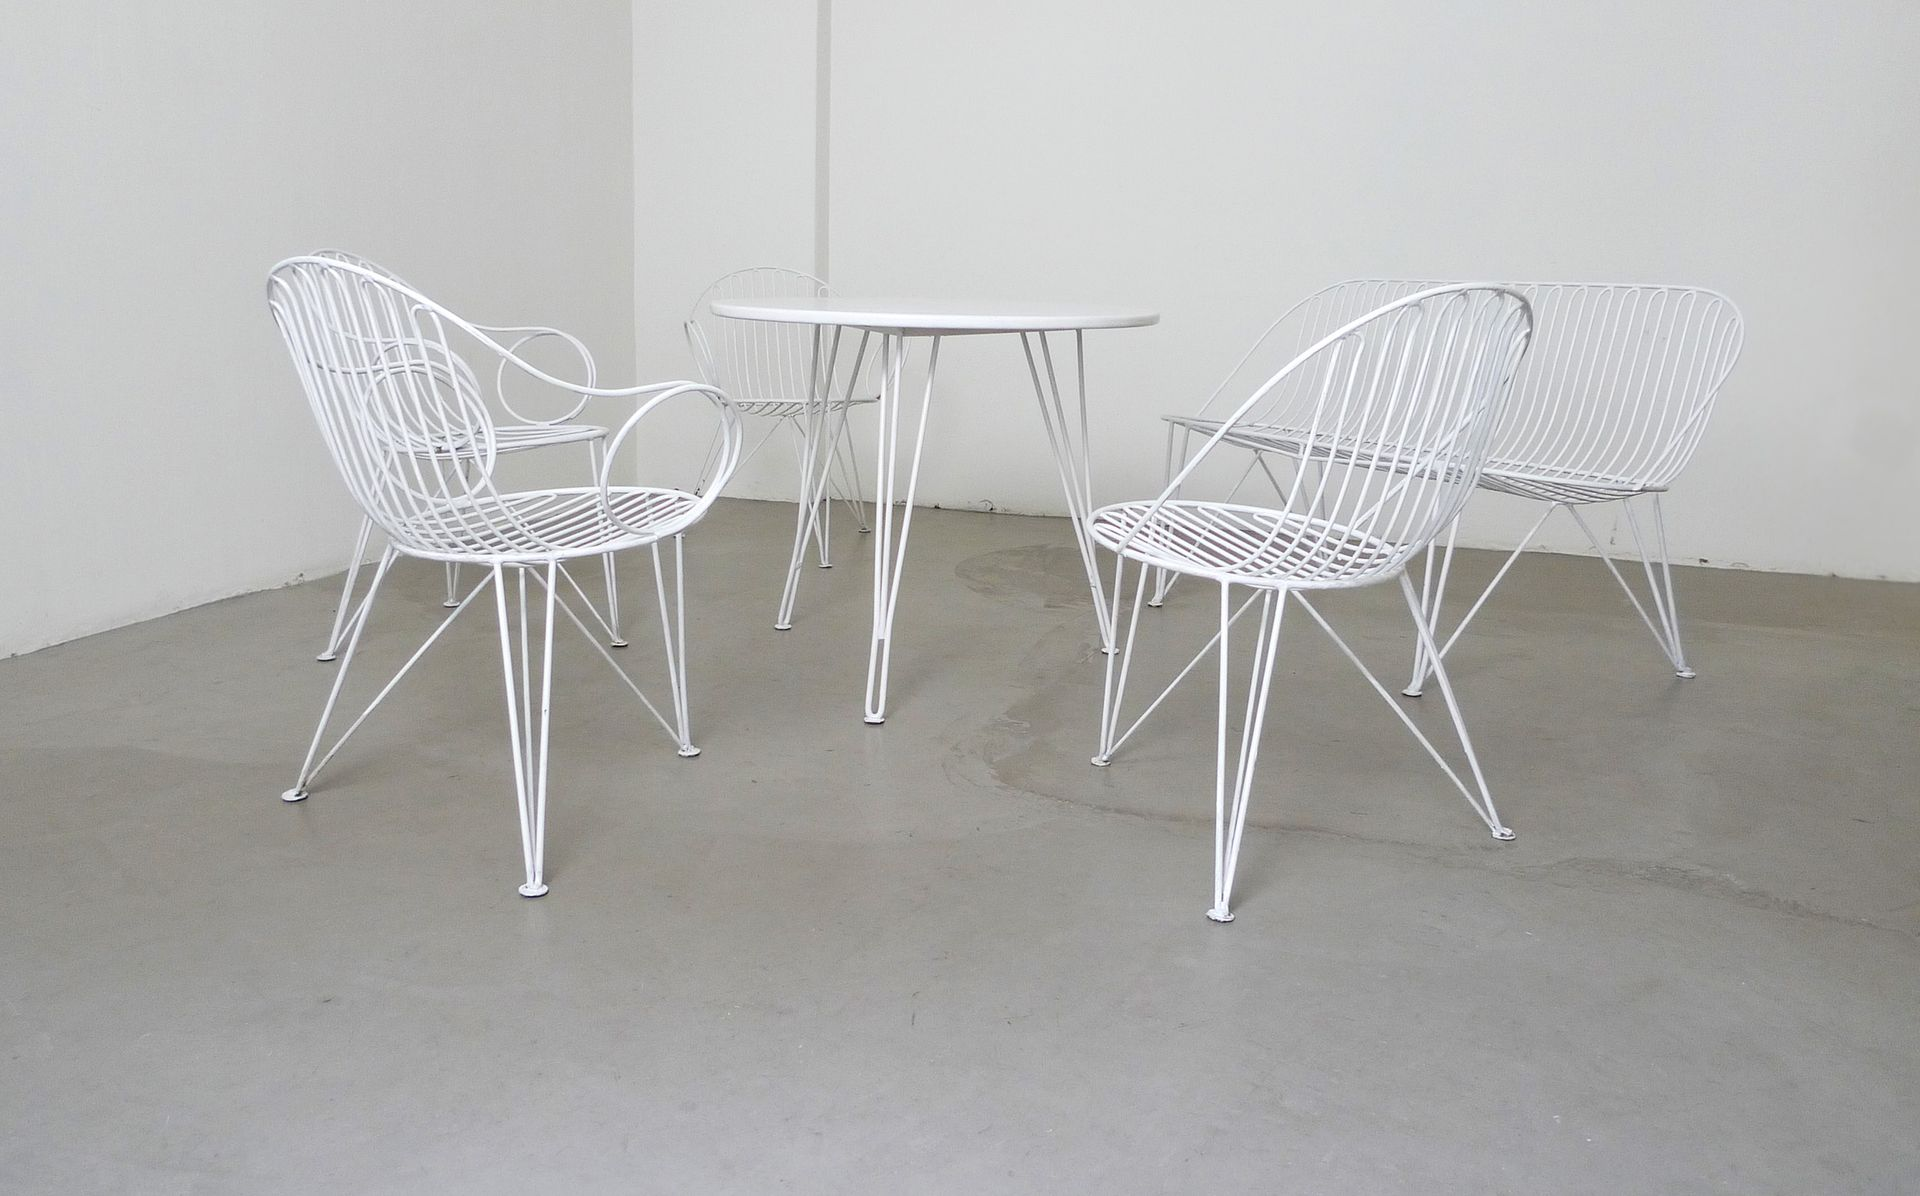 deutsche gartenm bel von mauser 1950er bei pamono kaufen. Black Bedroom Furniture Sets. Home Design Ideas